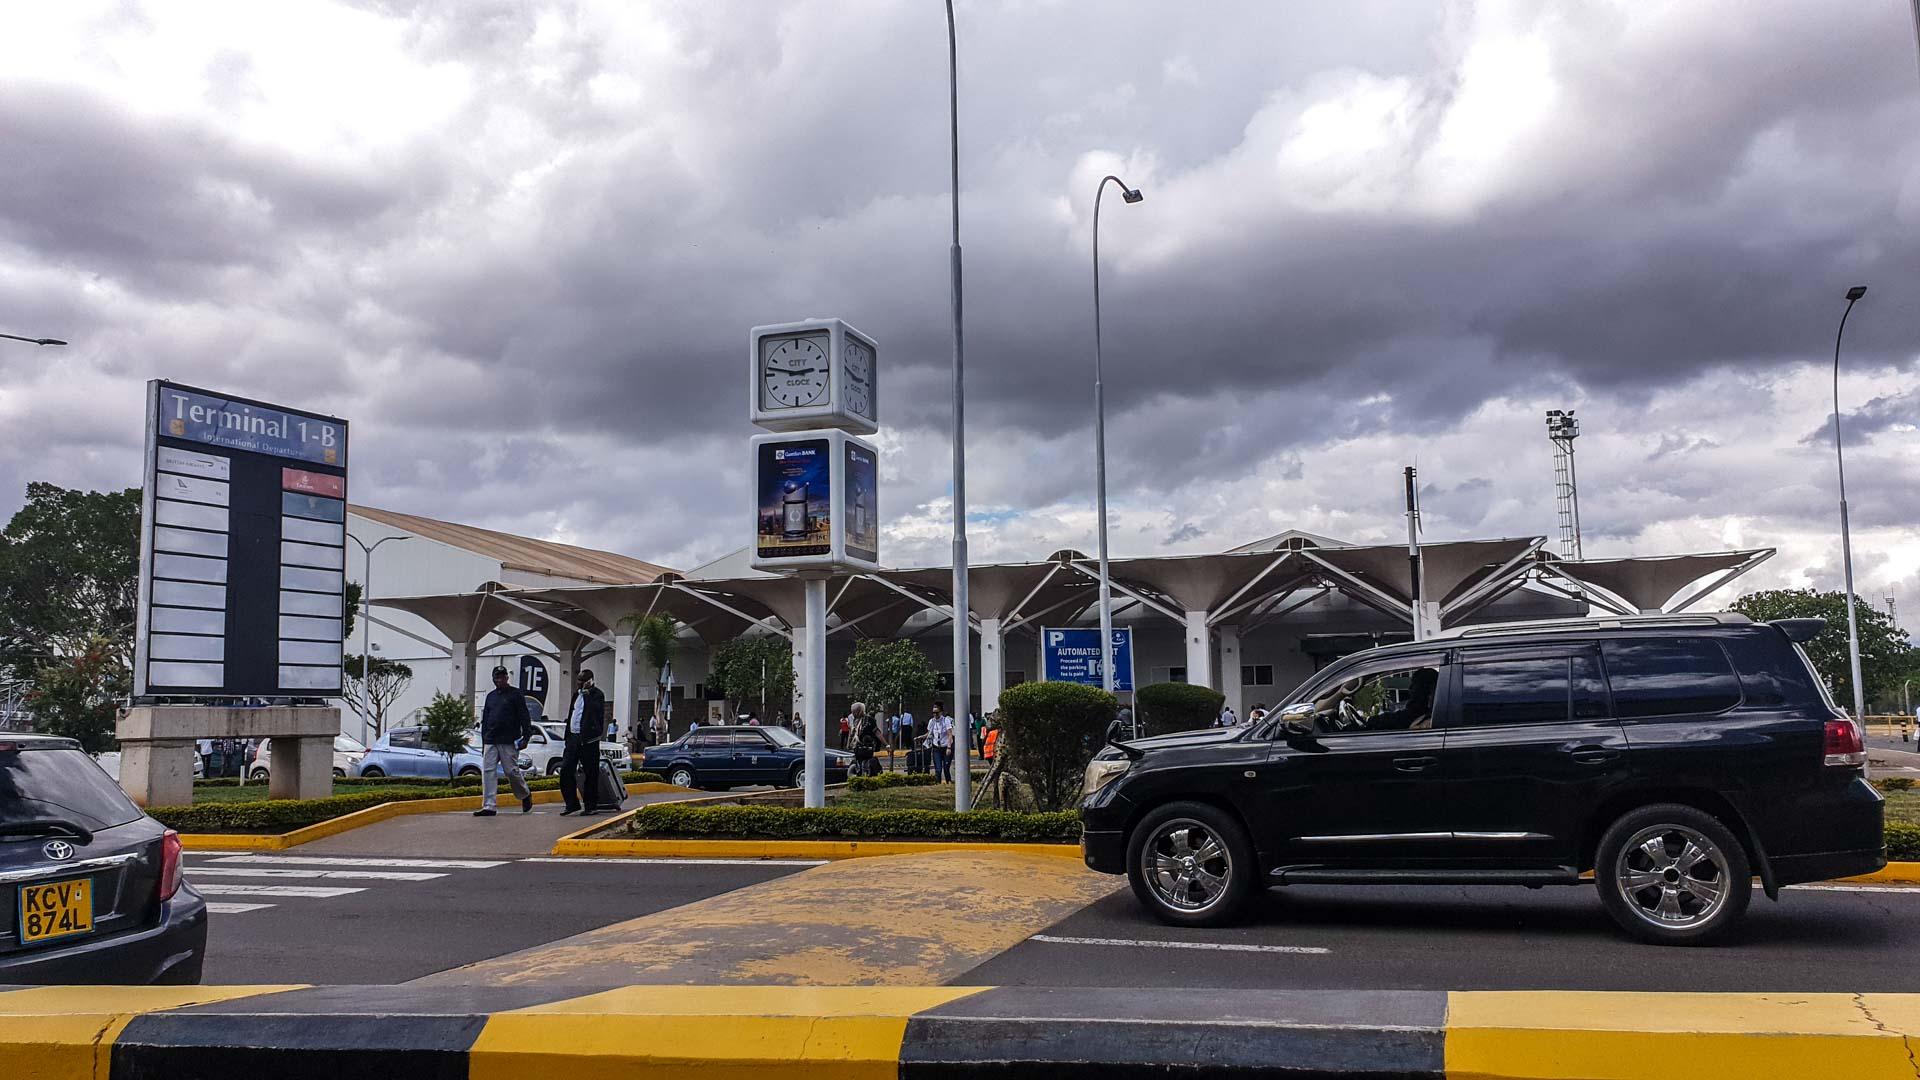 Aeropuerto Internacional Jomo Kenyatta, Nairobi, Kenia